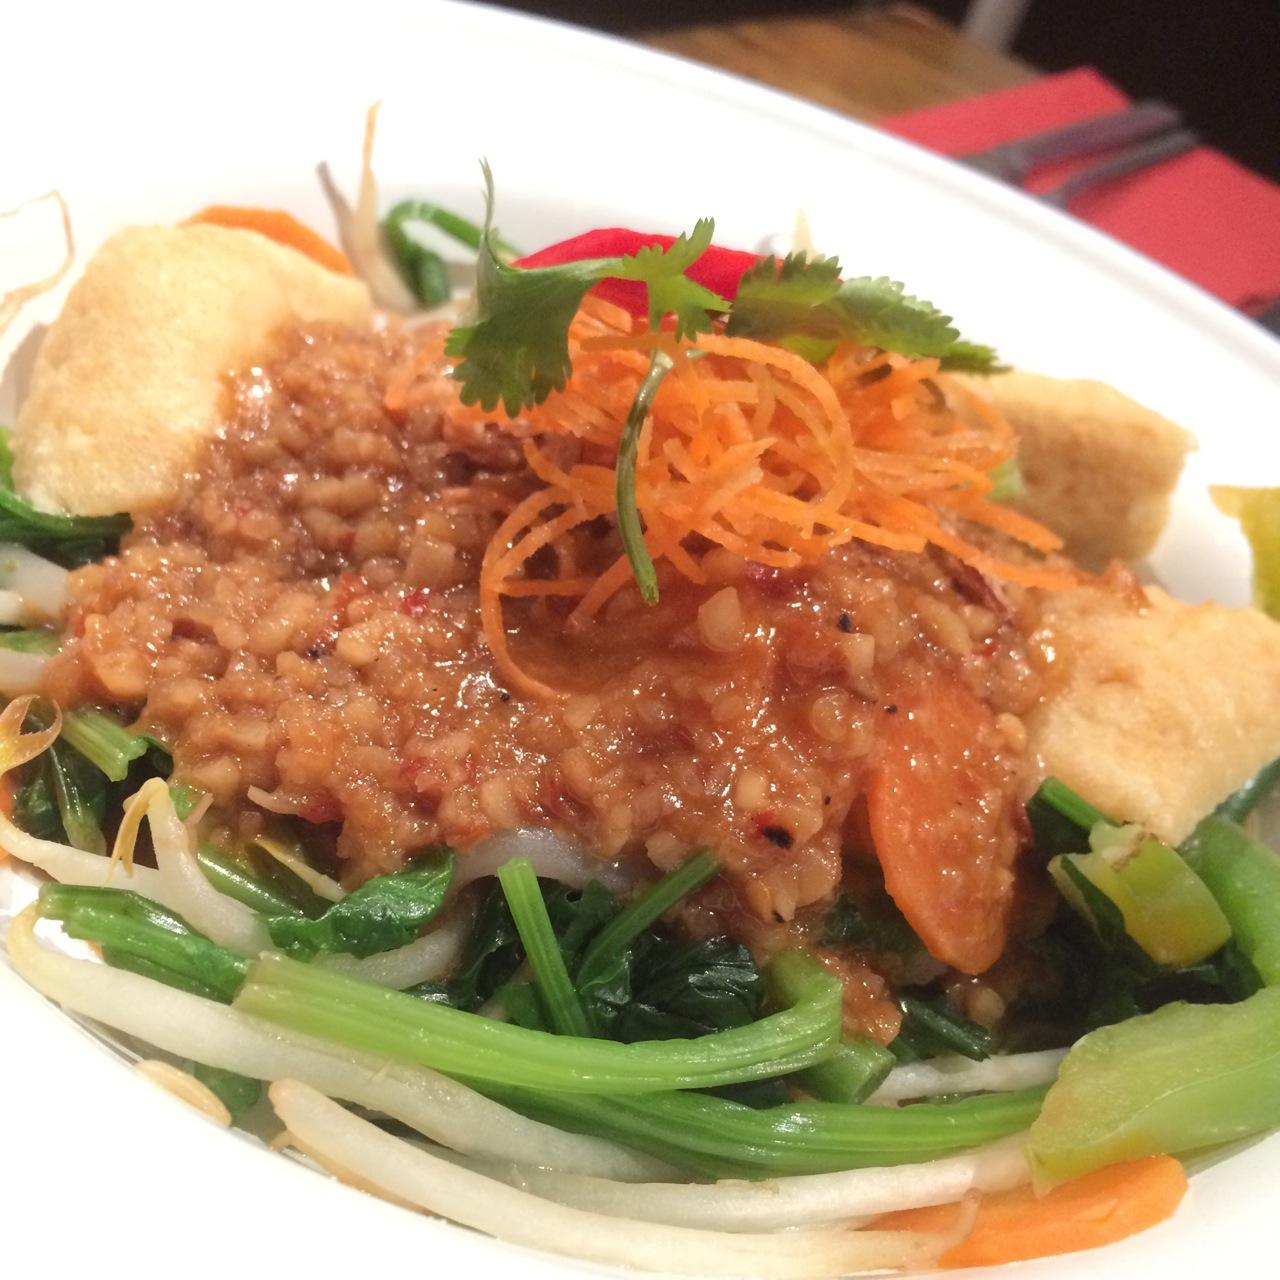 https://i1.wp.com/fatgayvegan.com/wp-content/uploads/2015/12/Ning-vegan-salad.jpg?fit=1280%2C1280